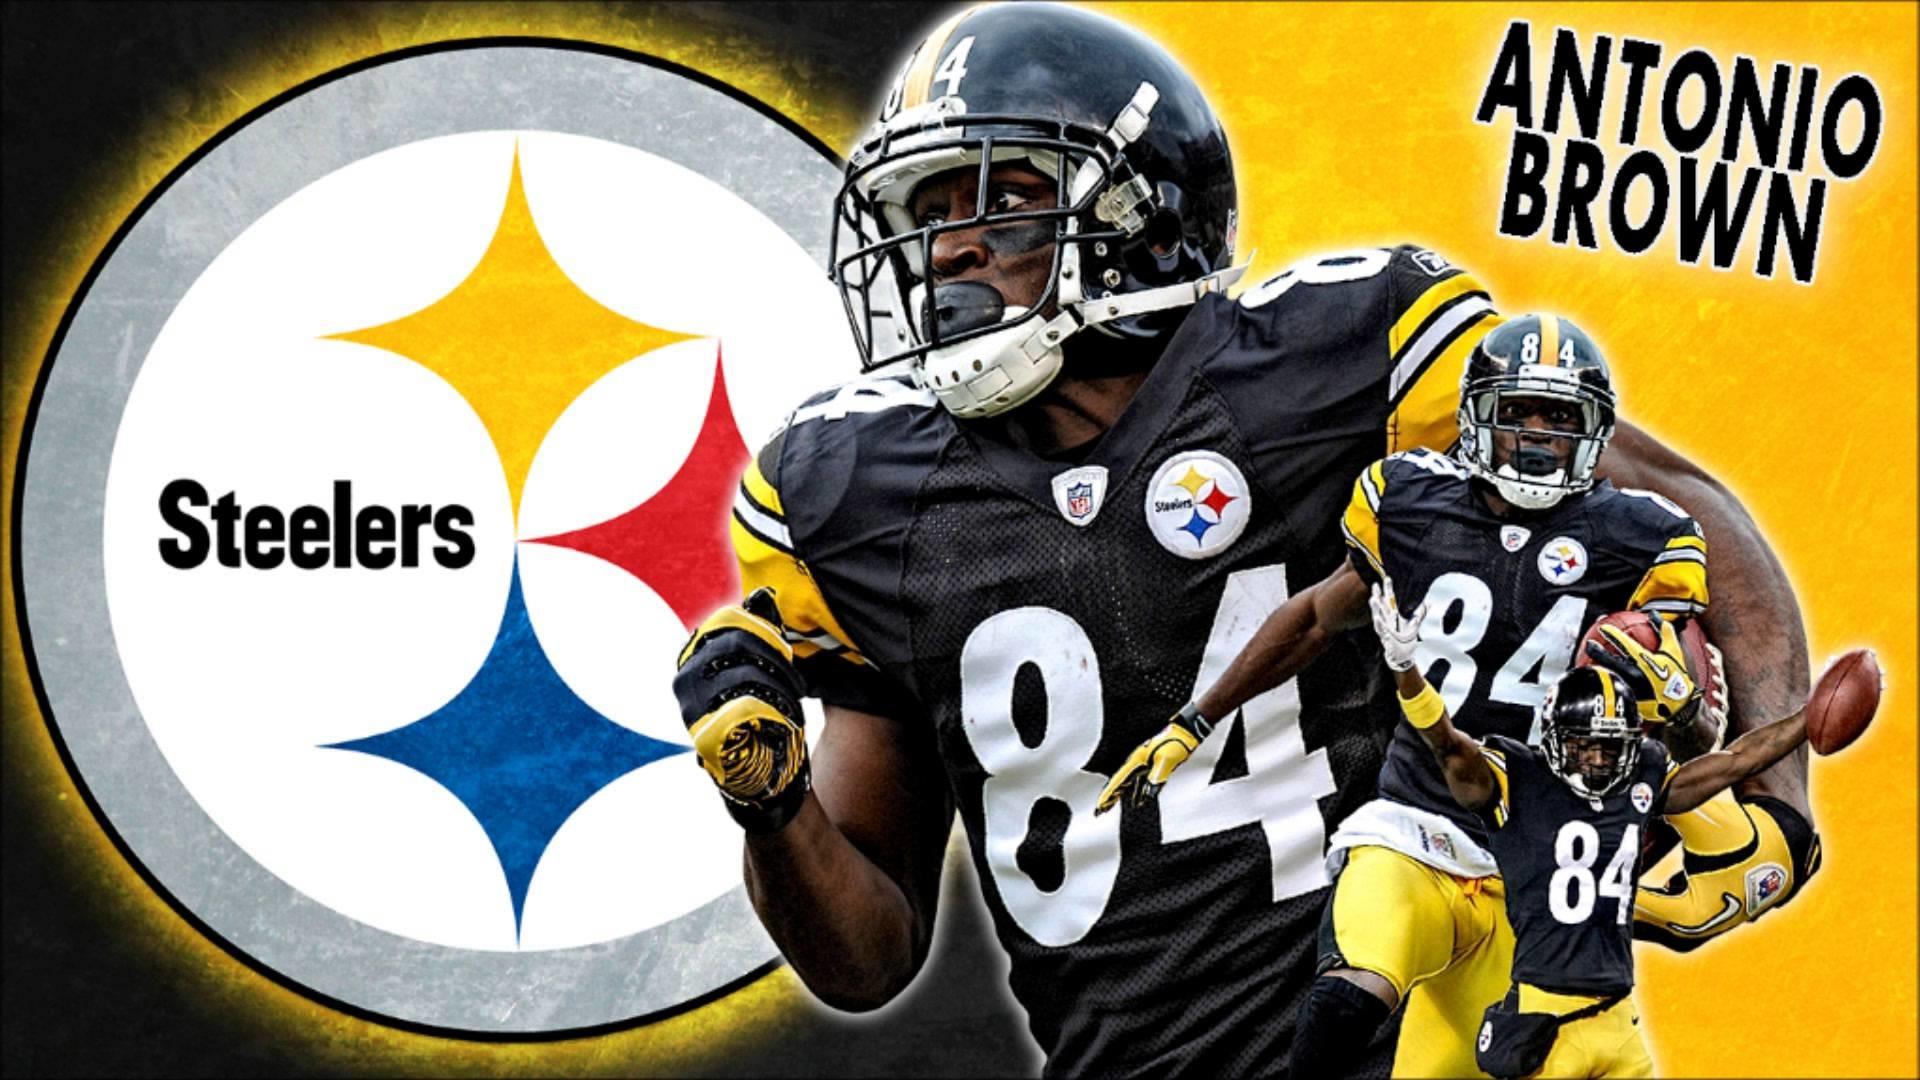 Steelers Antonio Brown Wallpaper Hd 69 Images